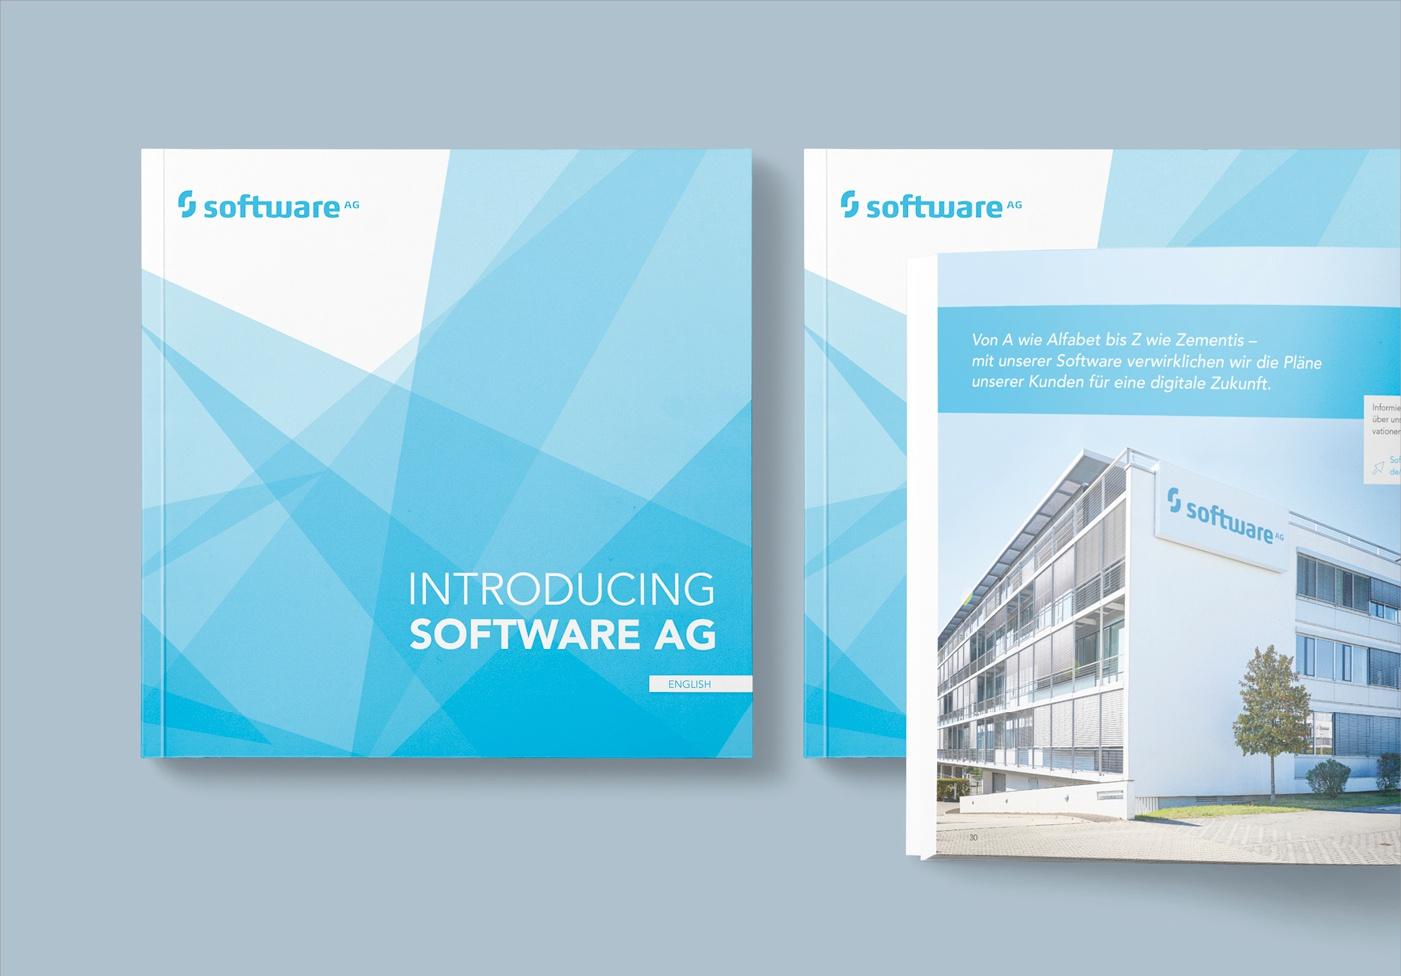 Software AG: Imagebroschüre in Deutsch und Englisch, Konzeption: Covergestaltung, Layout, Umsetzung, Infografiken, Bildbearbeitung, Reinzeichnung und Druckausgabe